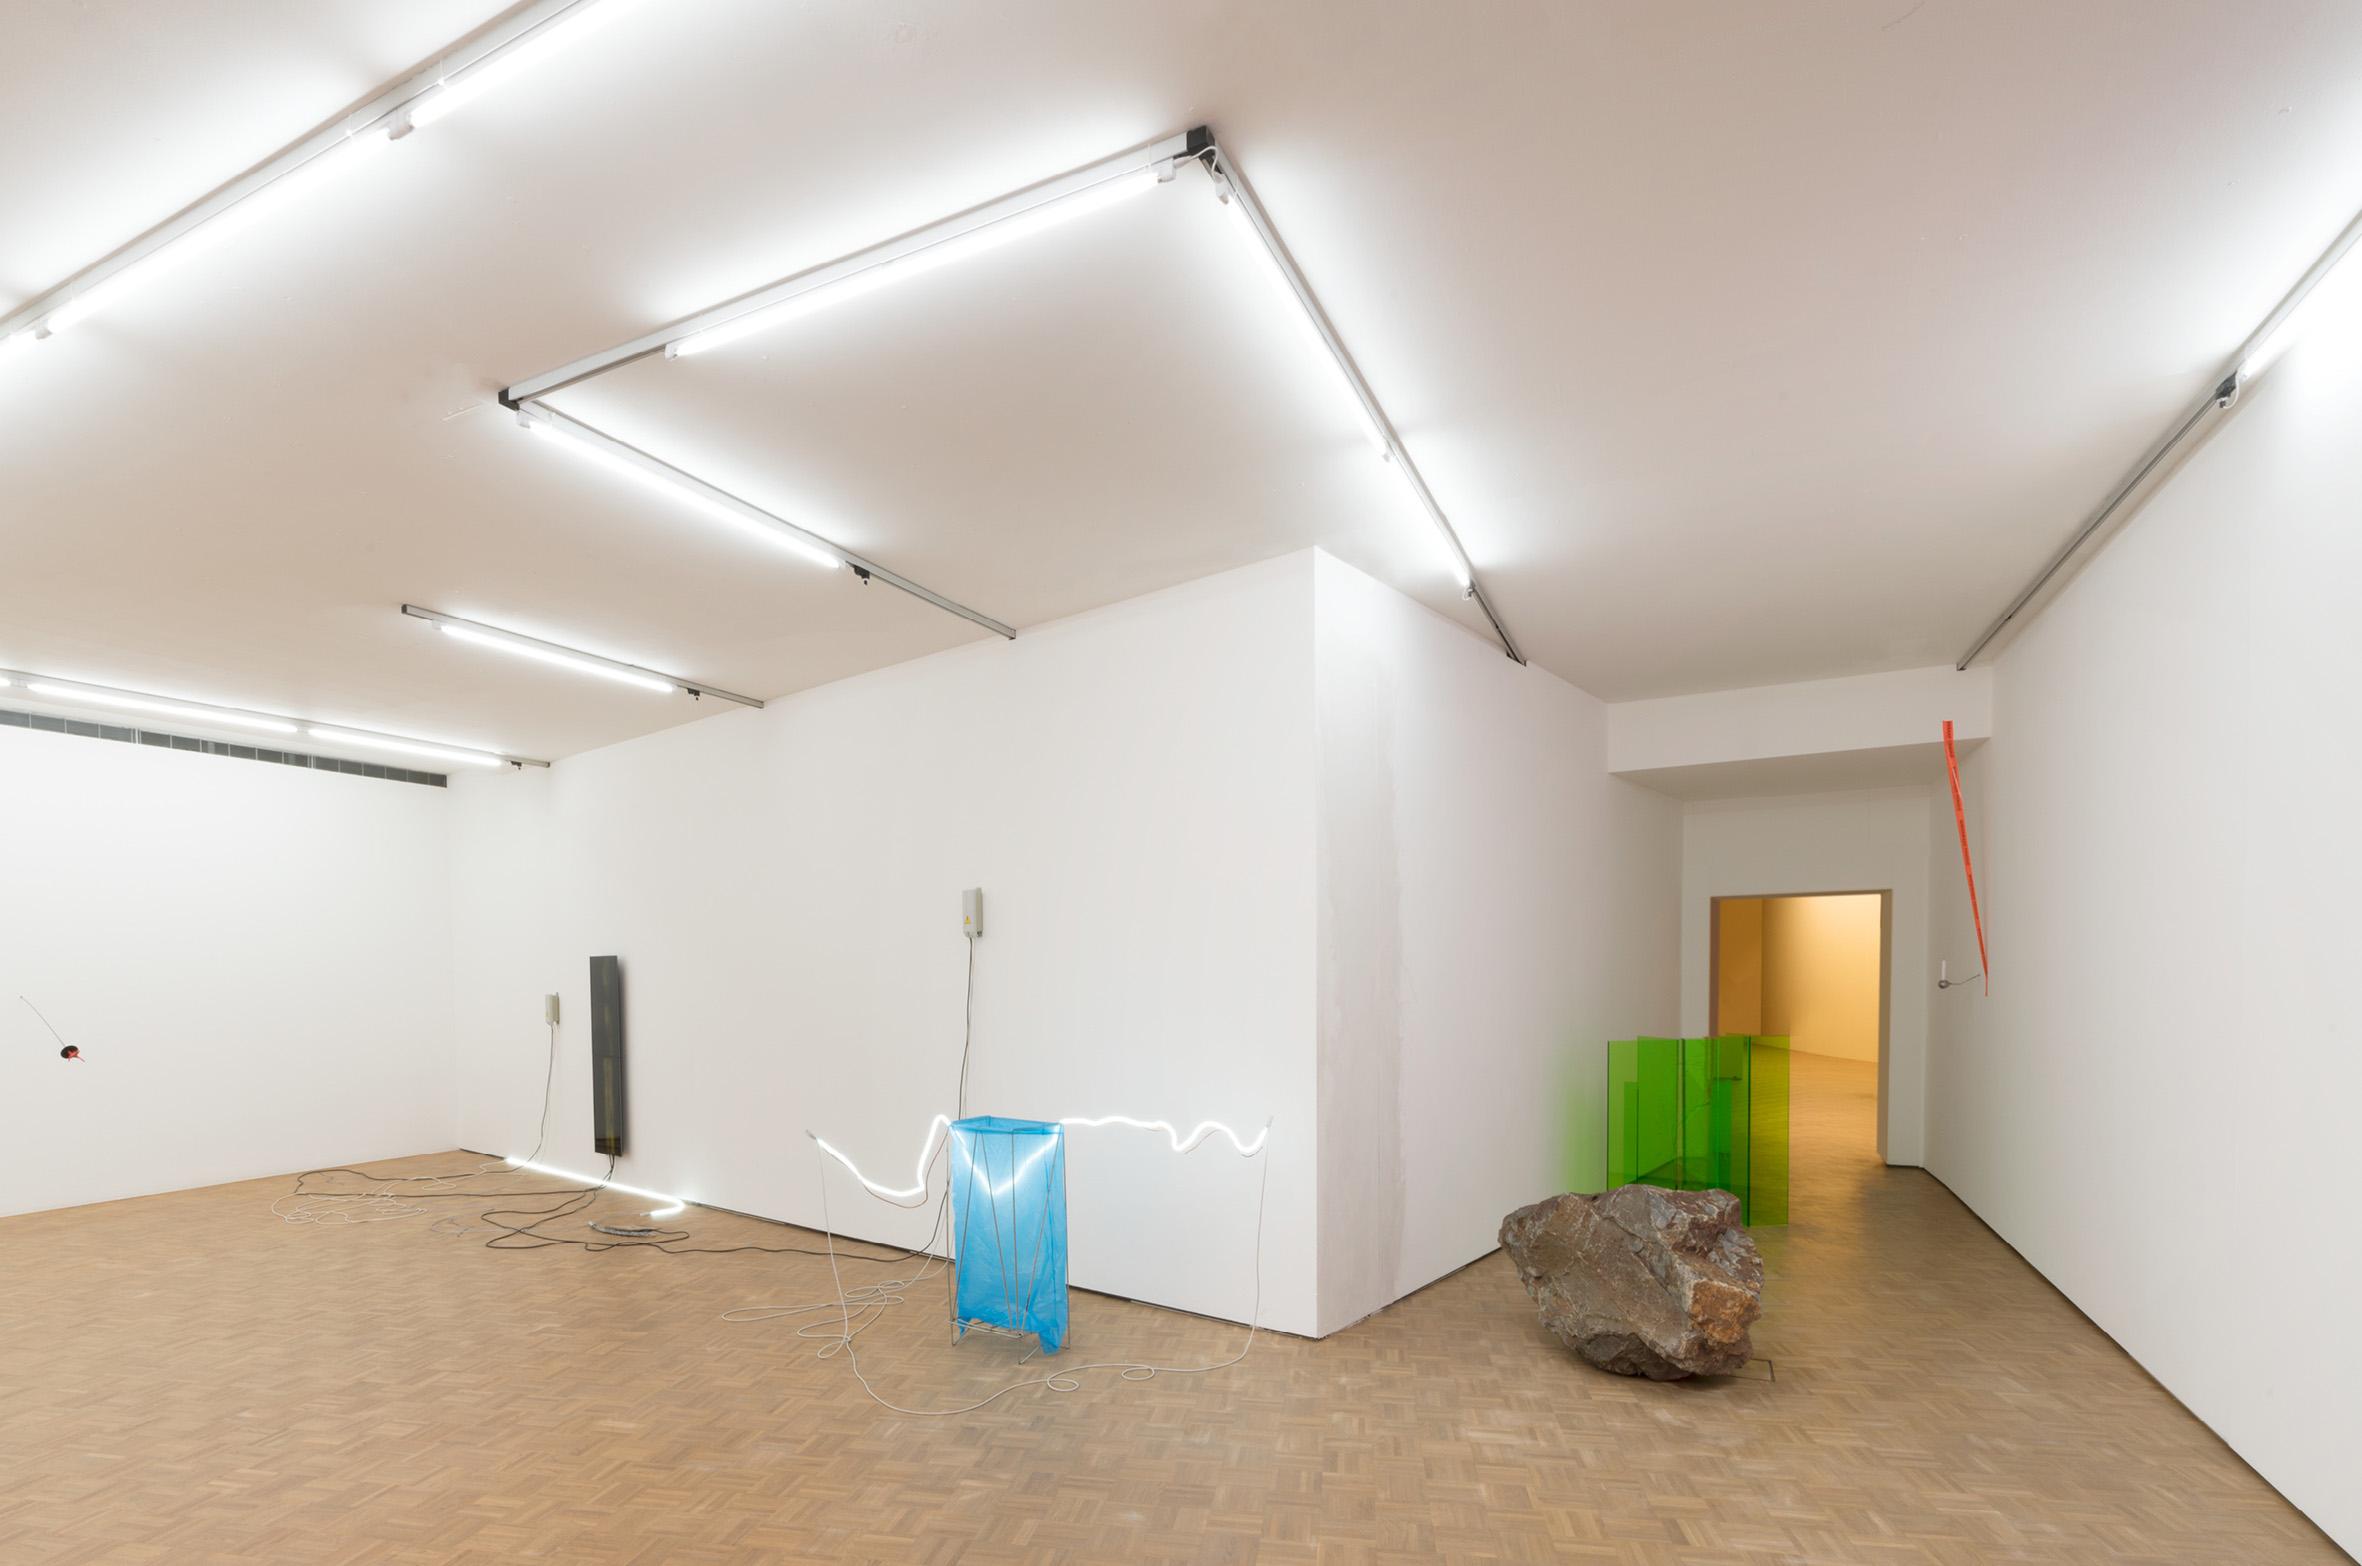 <p>De installatie van Noor van Imhoff begint in de paars verlichte personenlift die sterk contrasteert met de felgroene expositiezaal.</p>